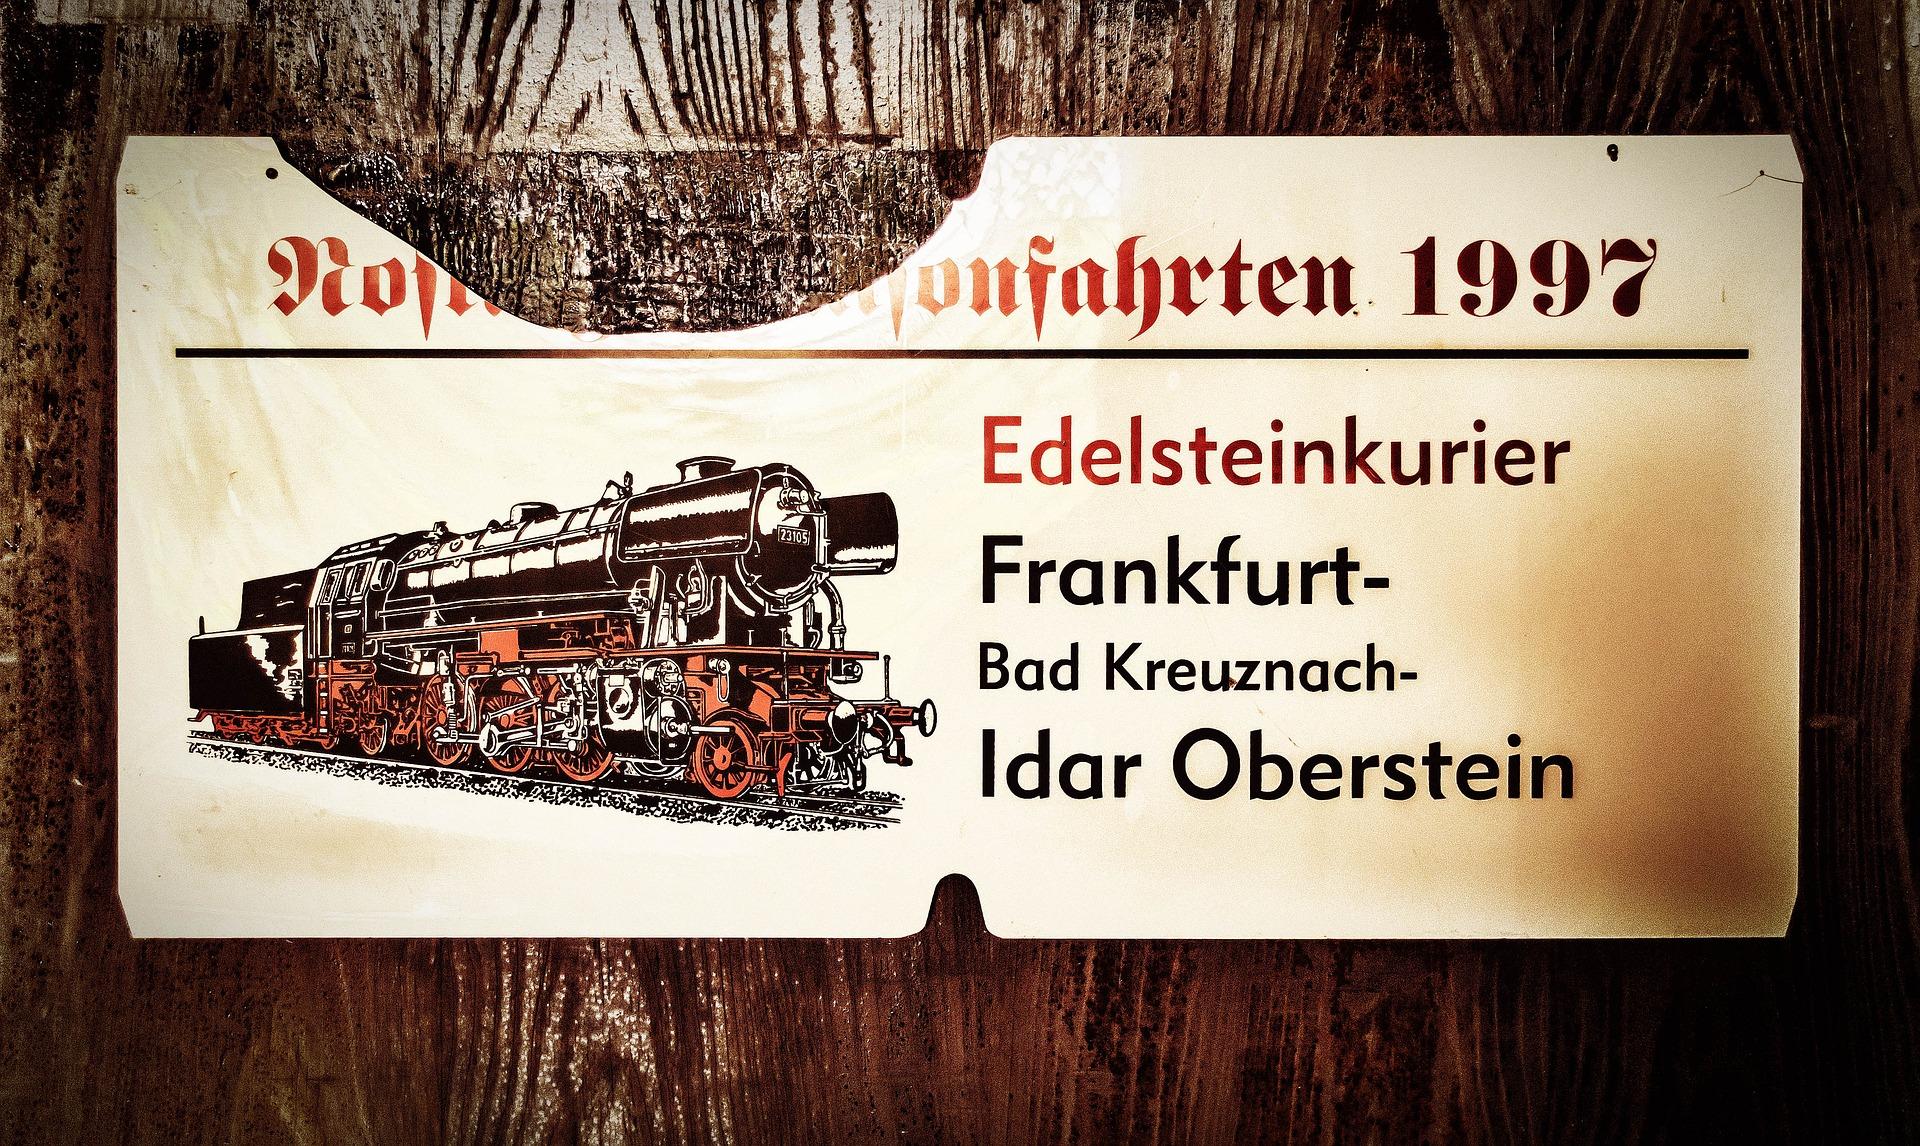 Deutsche Bahn, Bahn, Card, Object, Train, HQ Photo